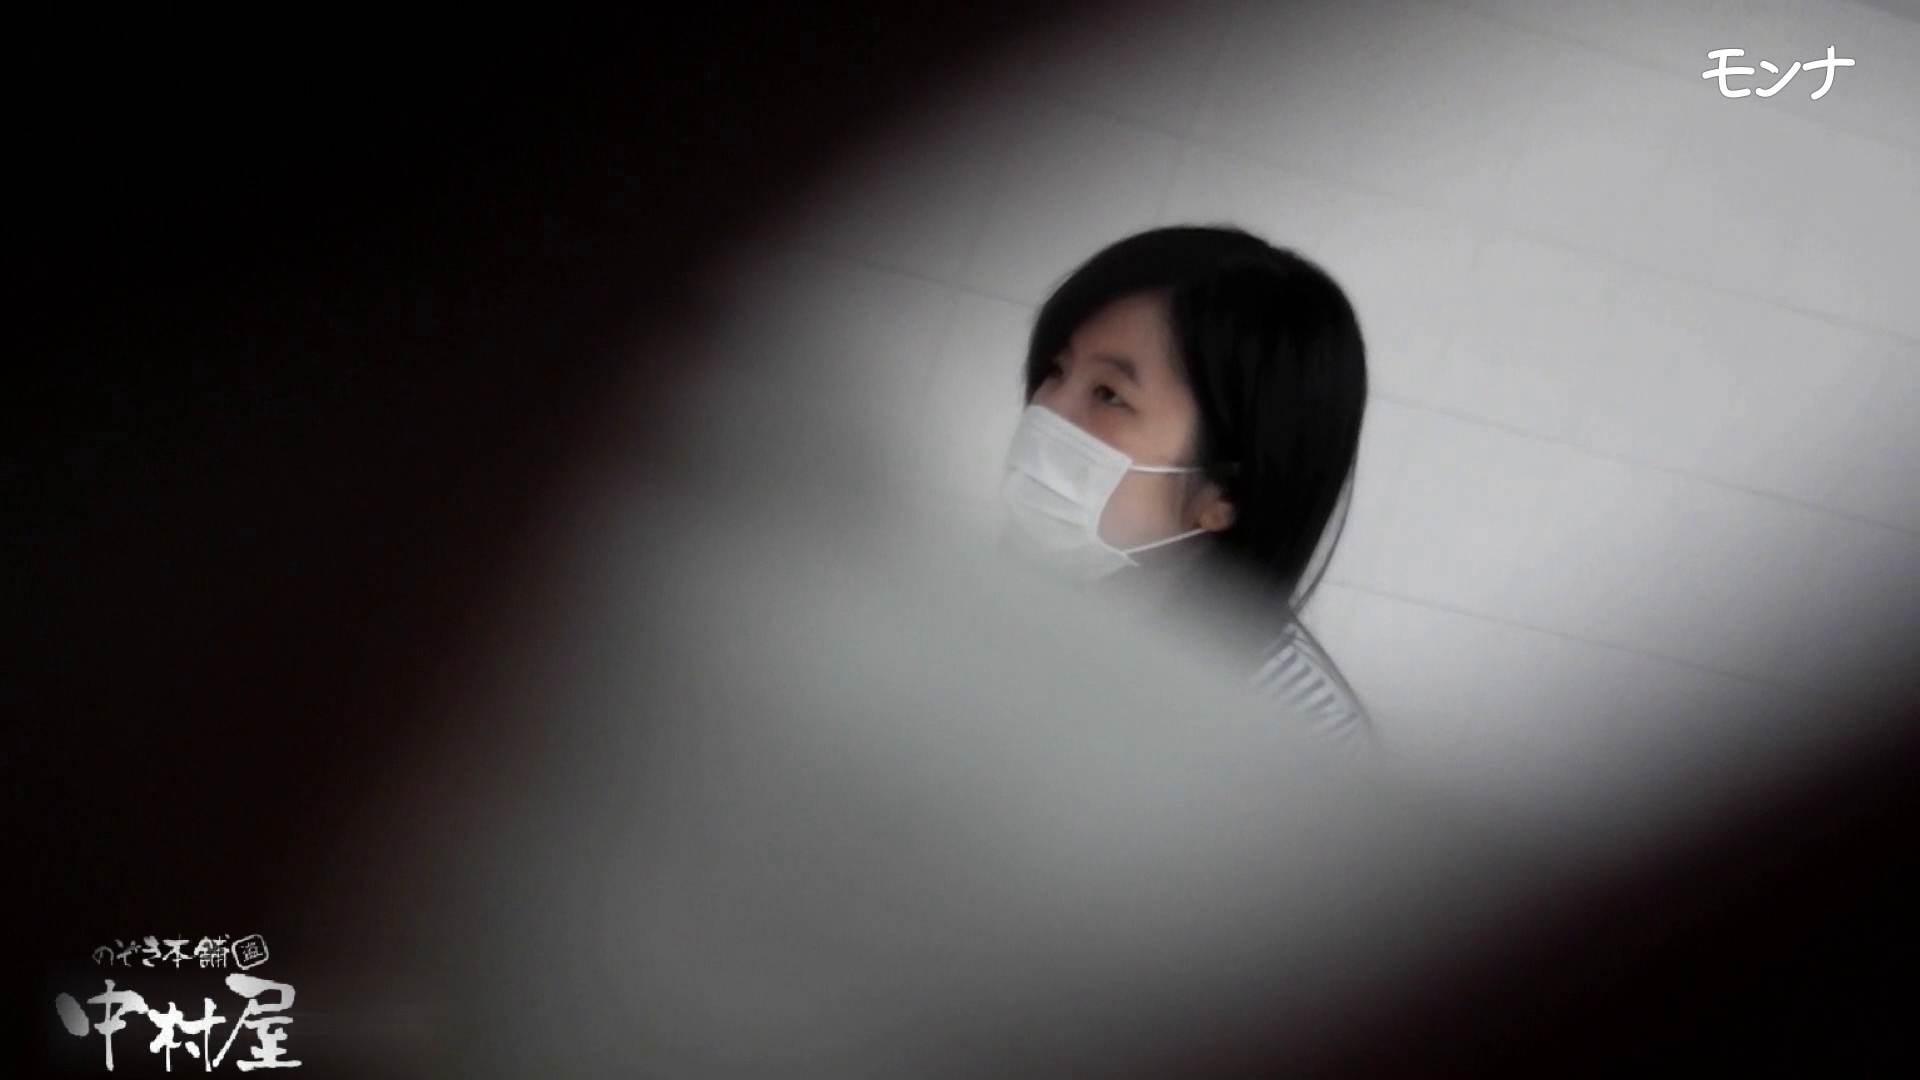 【美しい日本の未来】美しい日本の未来 No.73 自然なセクシーな仕草に感動中 覗き  89pic 60